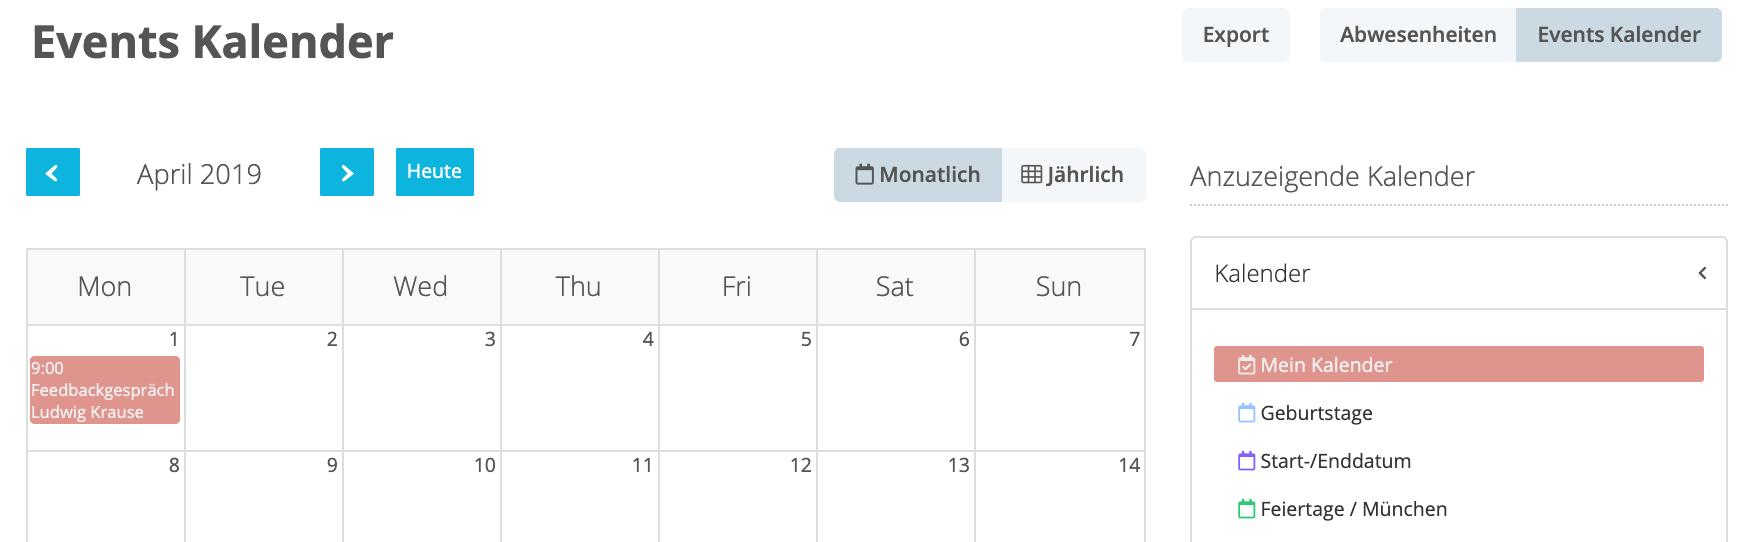 Feedbackmeeting-Employeeprofile-Calendar_de.png